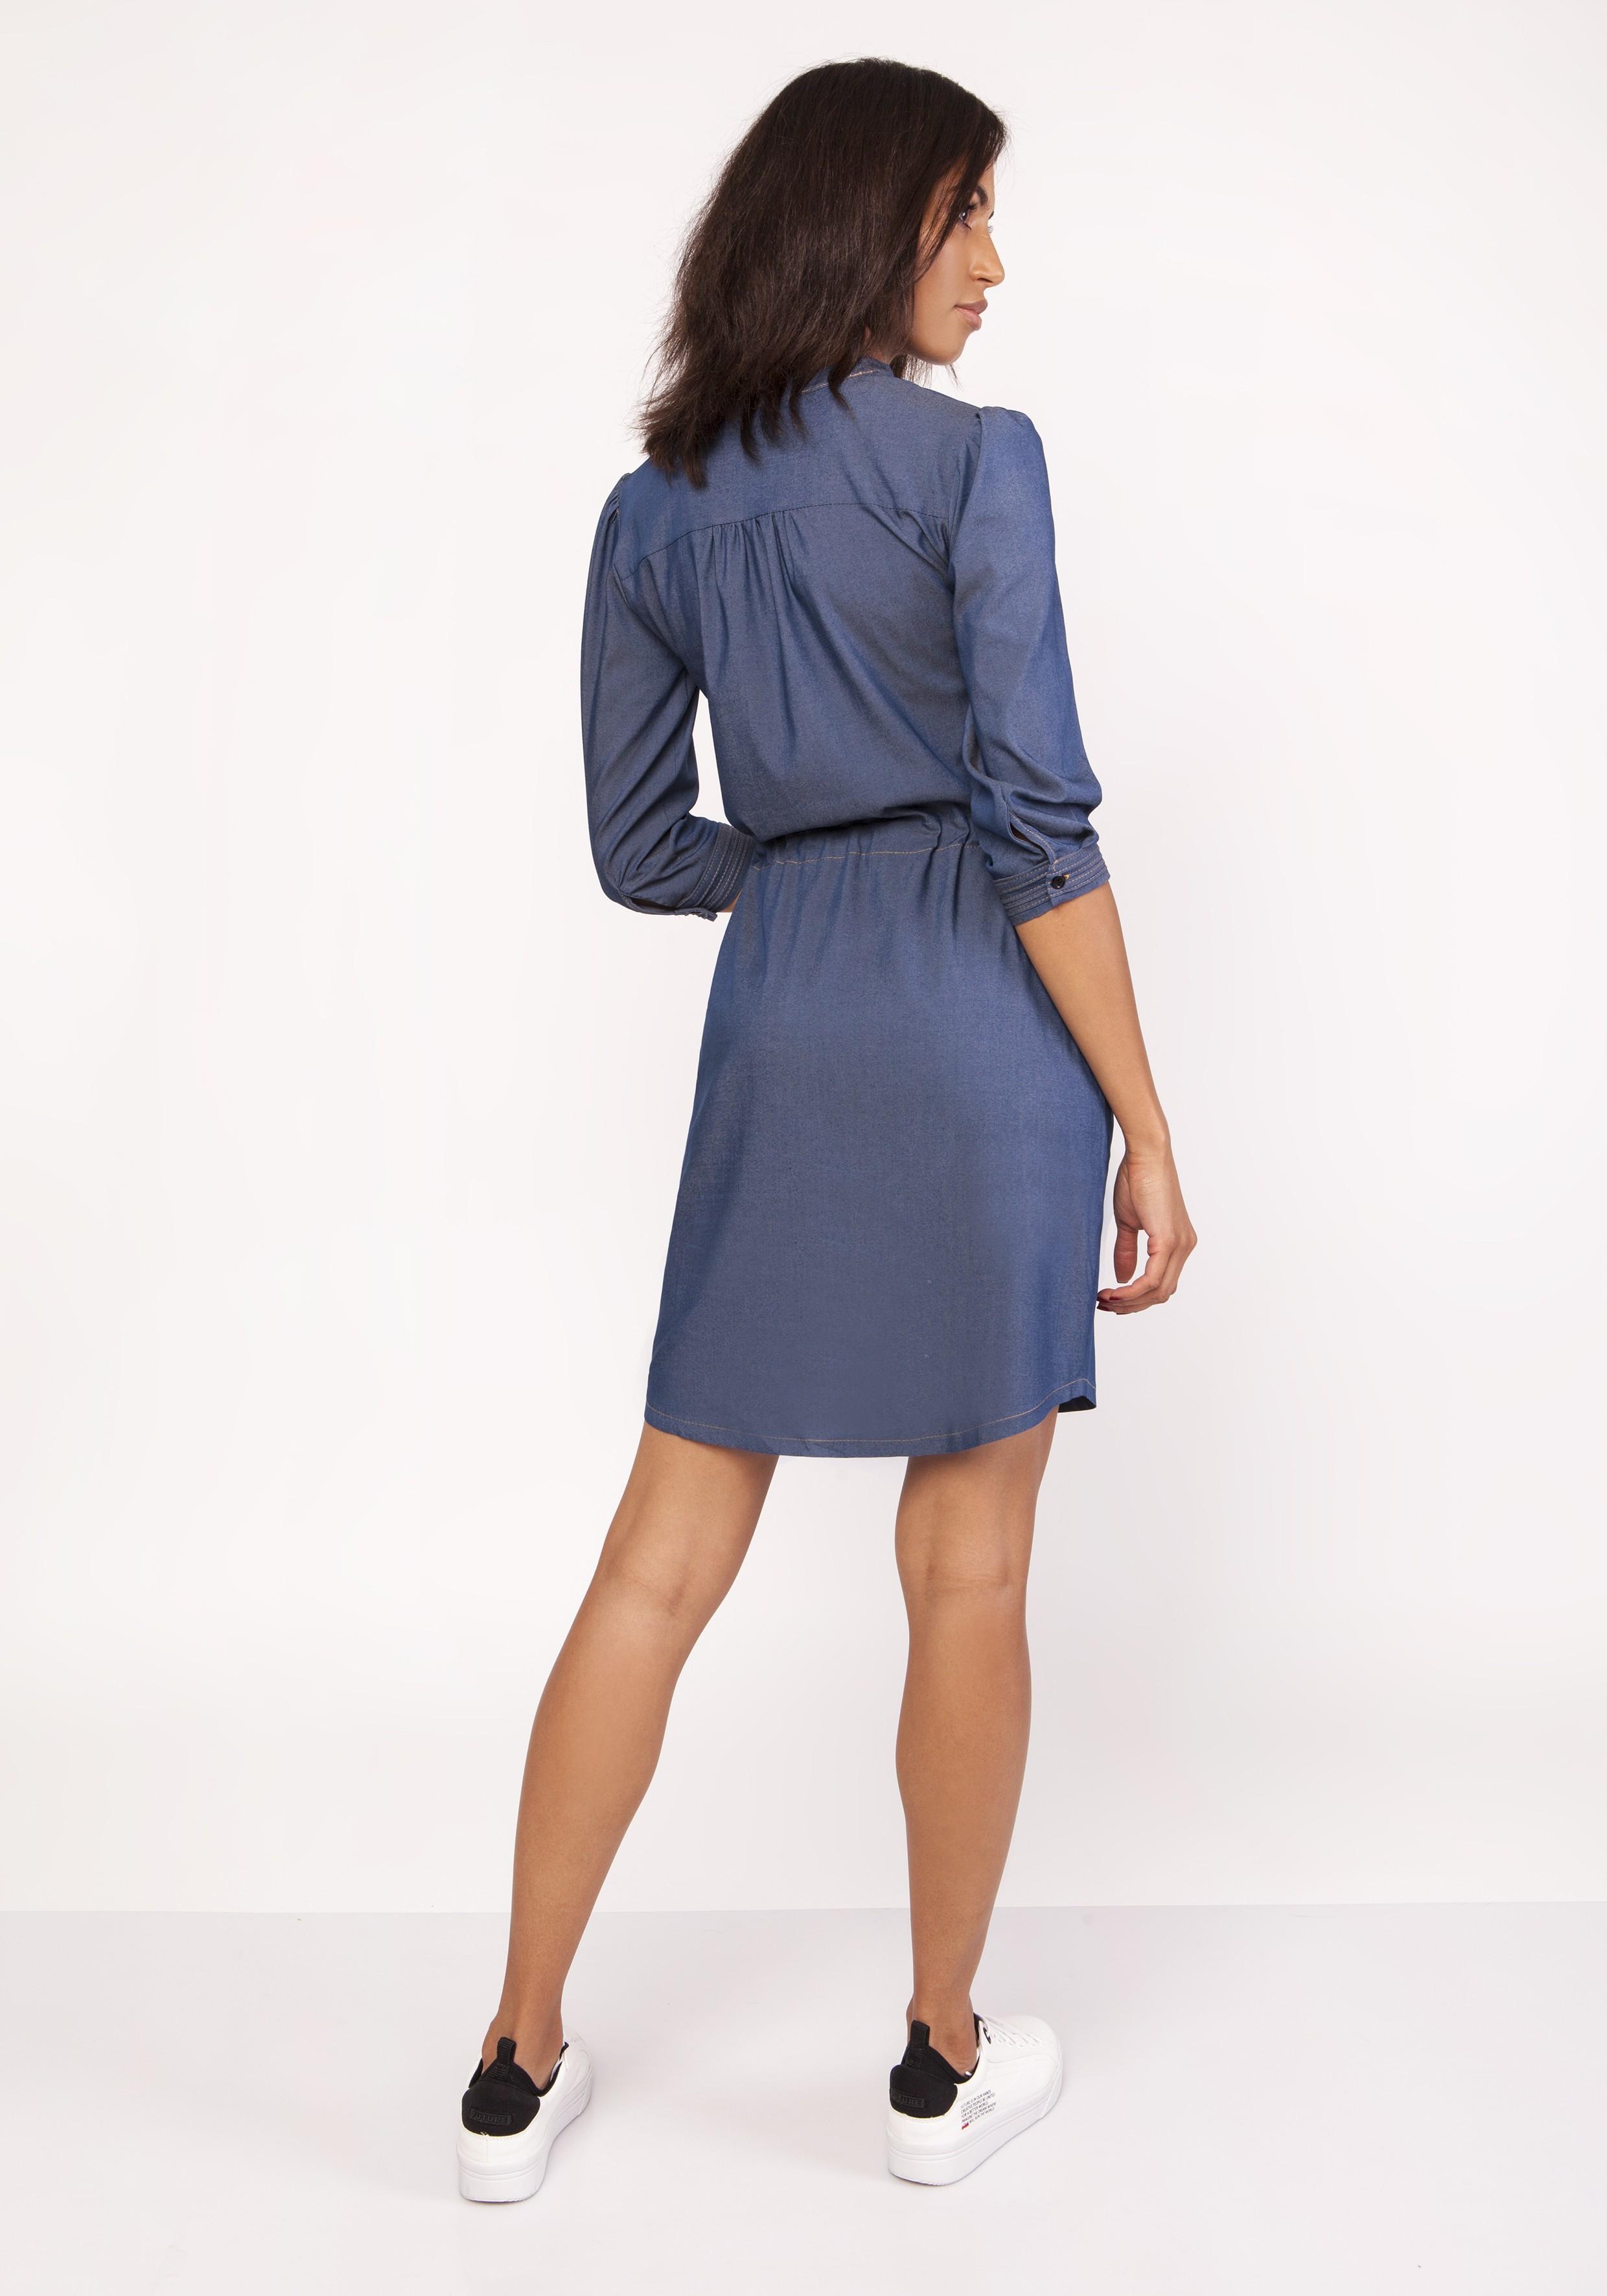 0c7e380ece Sukienka koszulowa jeans do kolan - modne sukienki szyte w Polsce